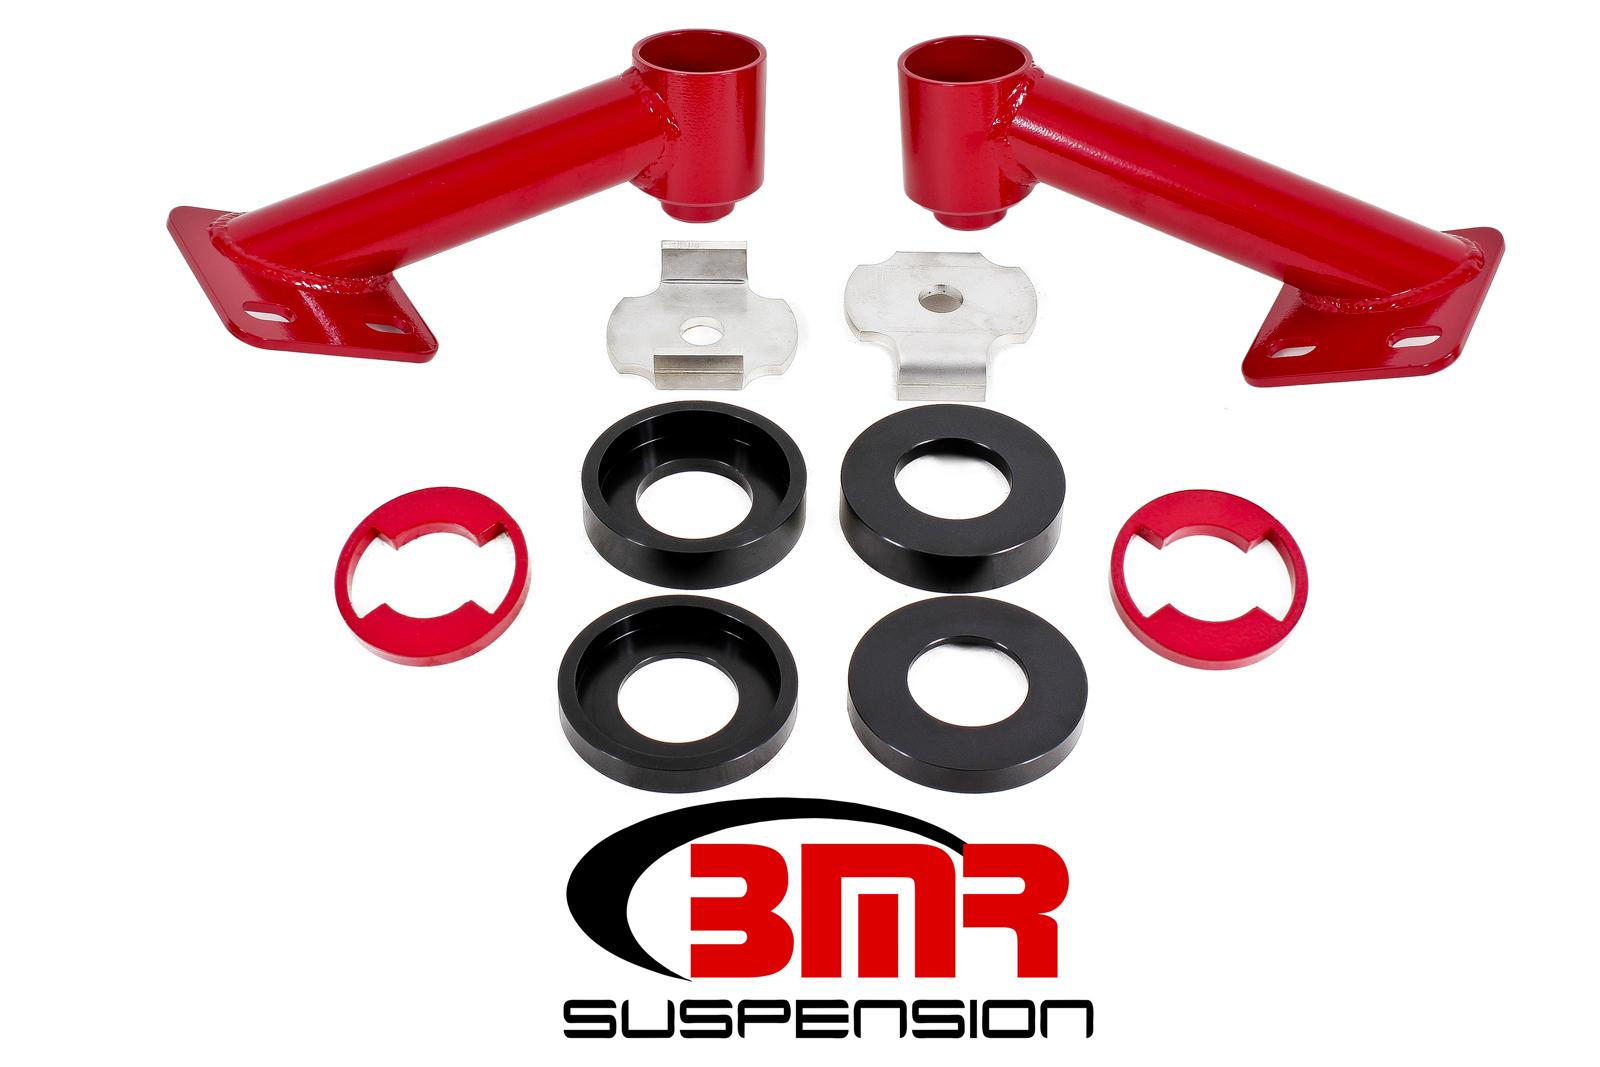 Bmr Suspension 15-17 Mustang Cradle Bushing Lockout Kit